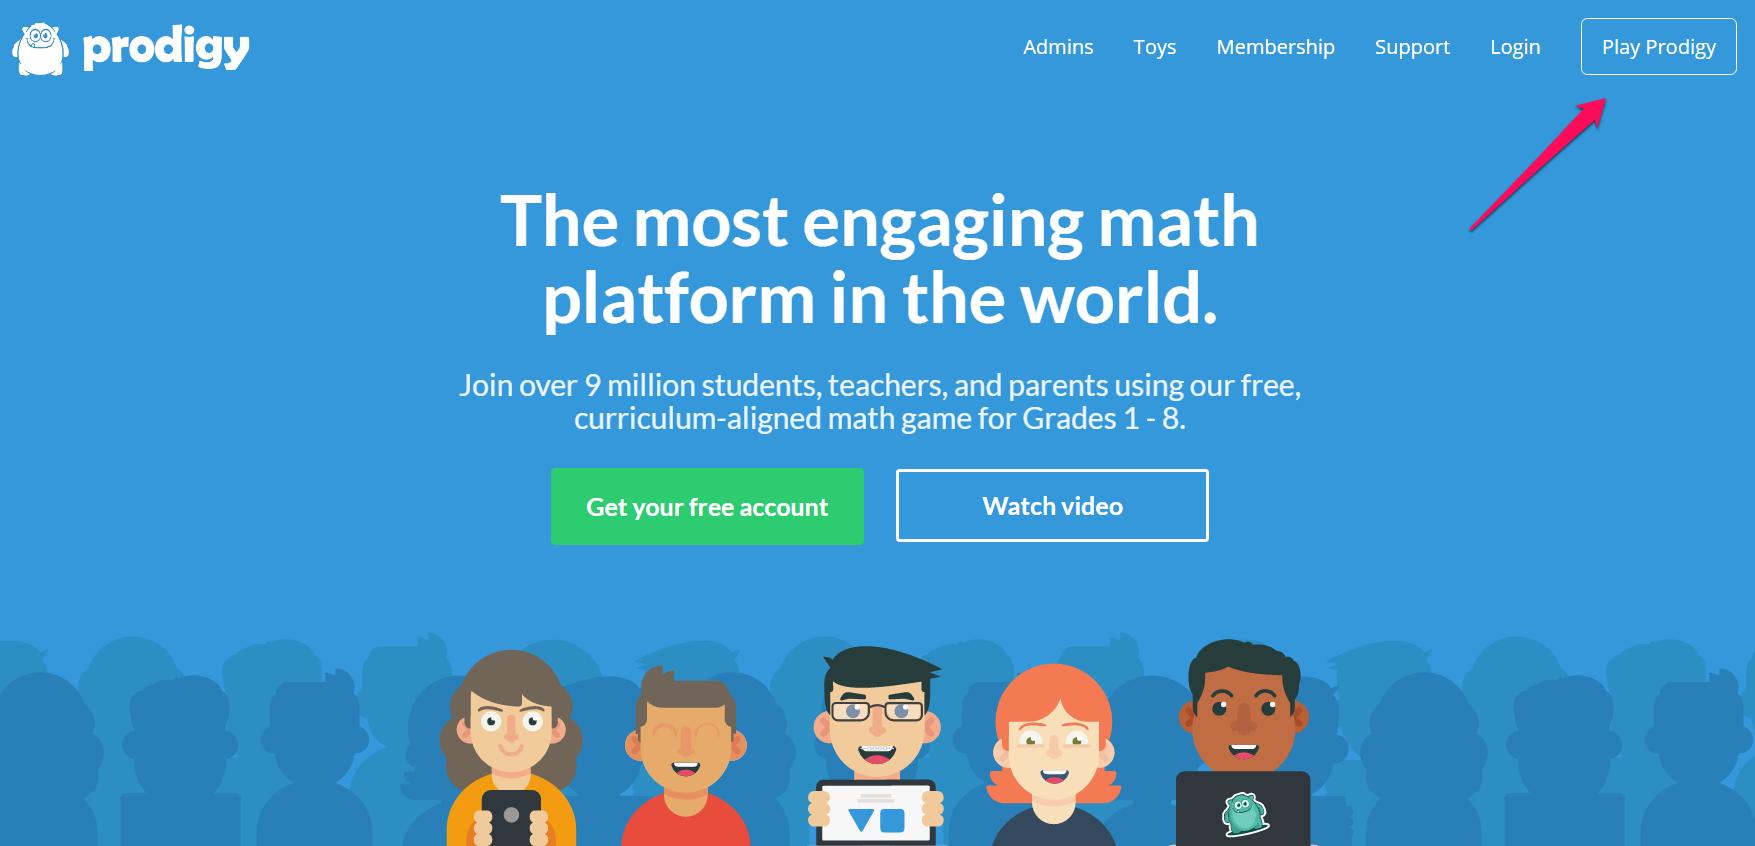 prodigy login play math prodigygame zendesk